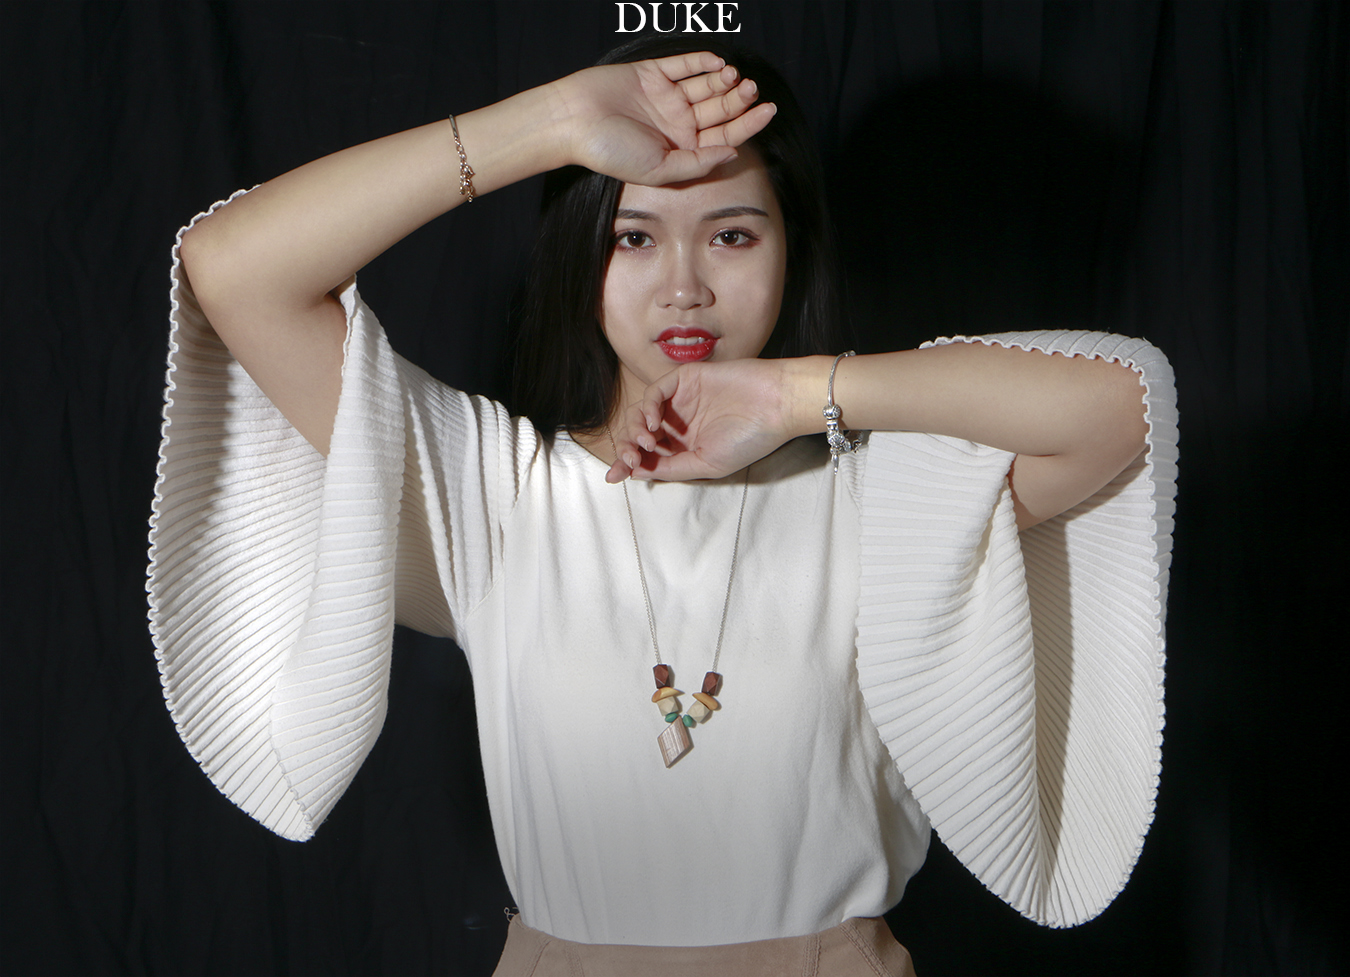 Xiaonan_Chen_fashion_photography_branding_bell_sleeves_DUKE 3